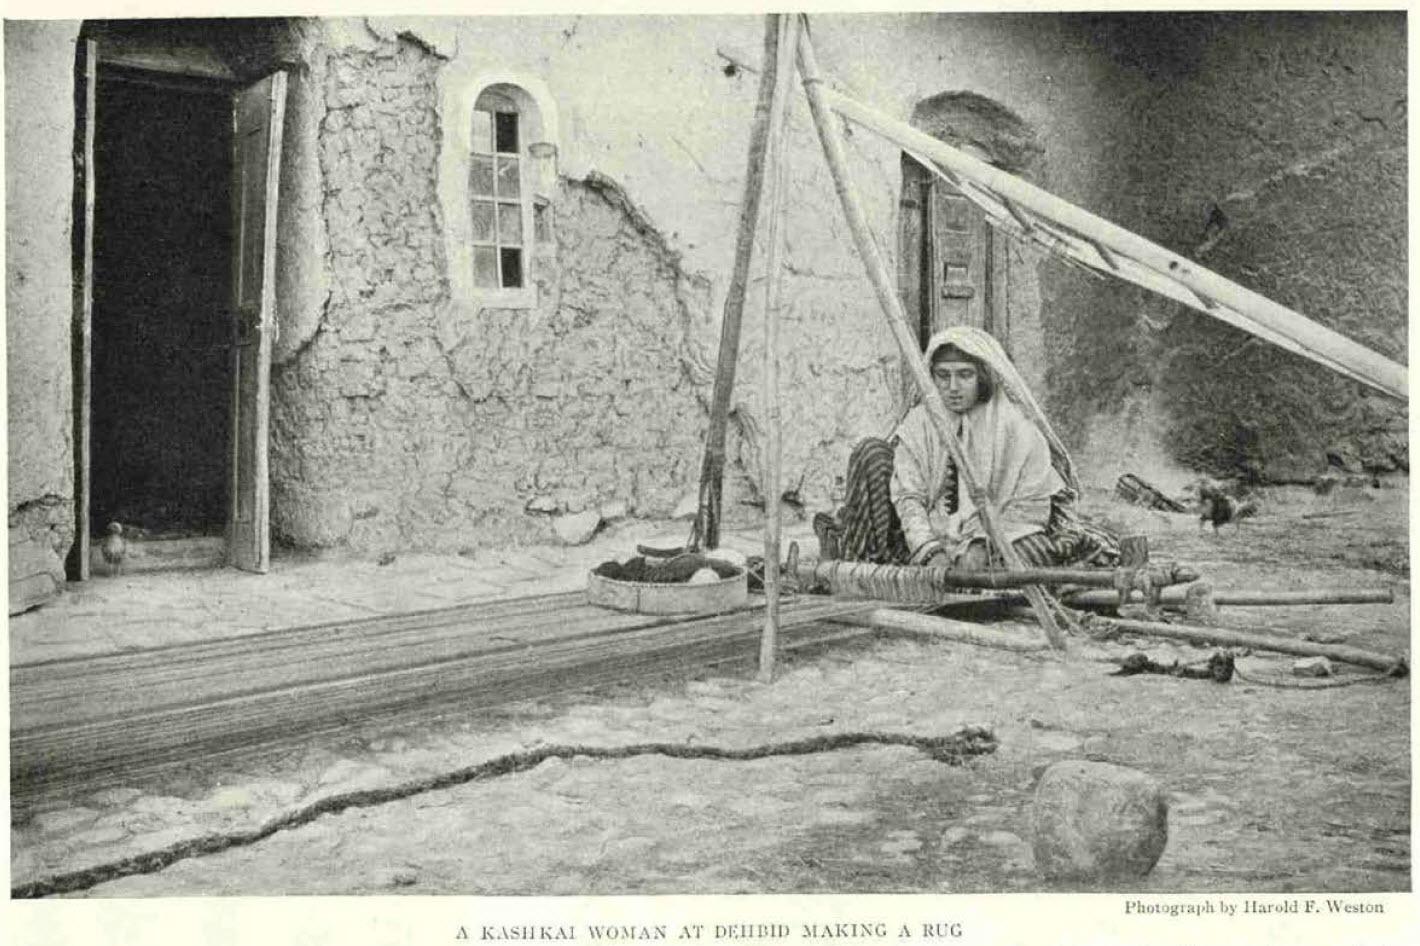 قالیبافی زن شیرازی